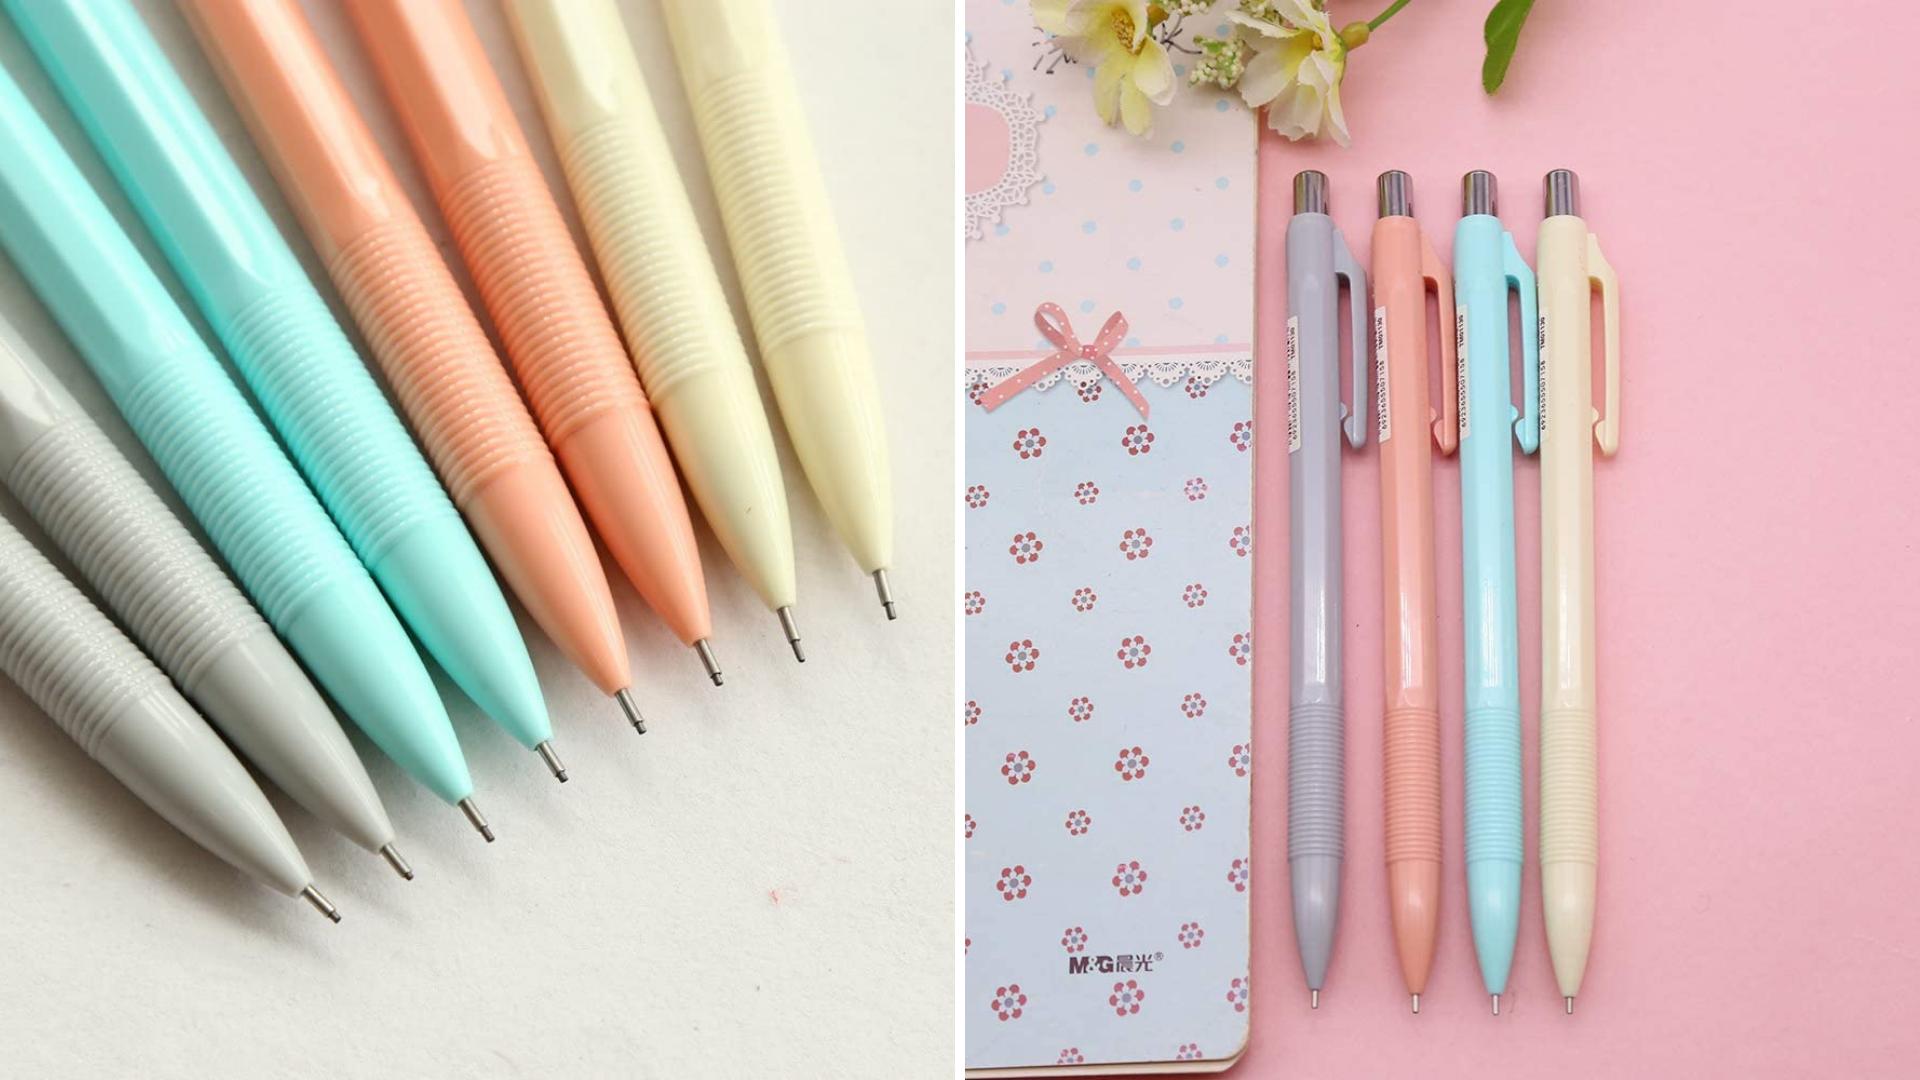 Un ensemble de crayons mécaniques aux teintes pastel est à côté d'un cahier.